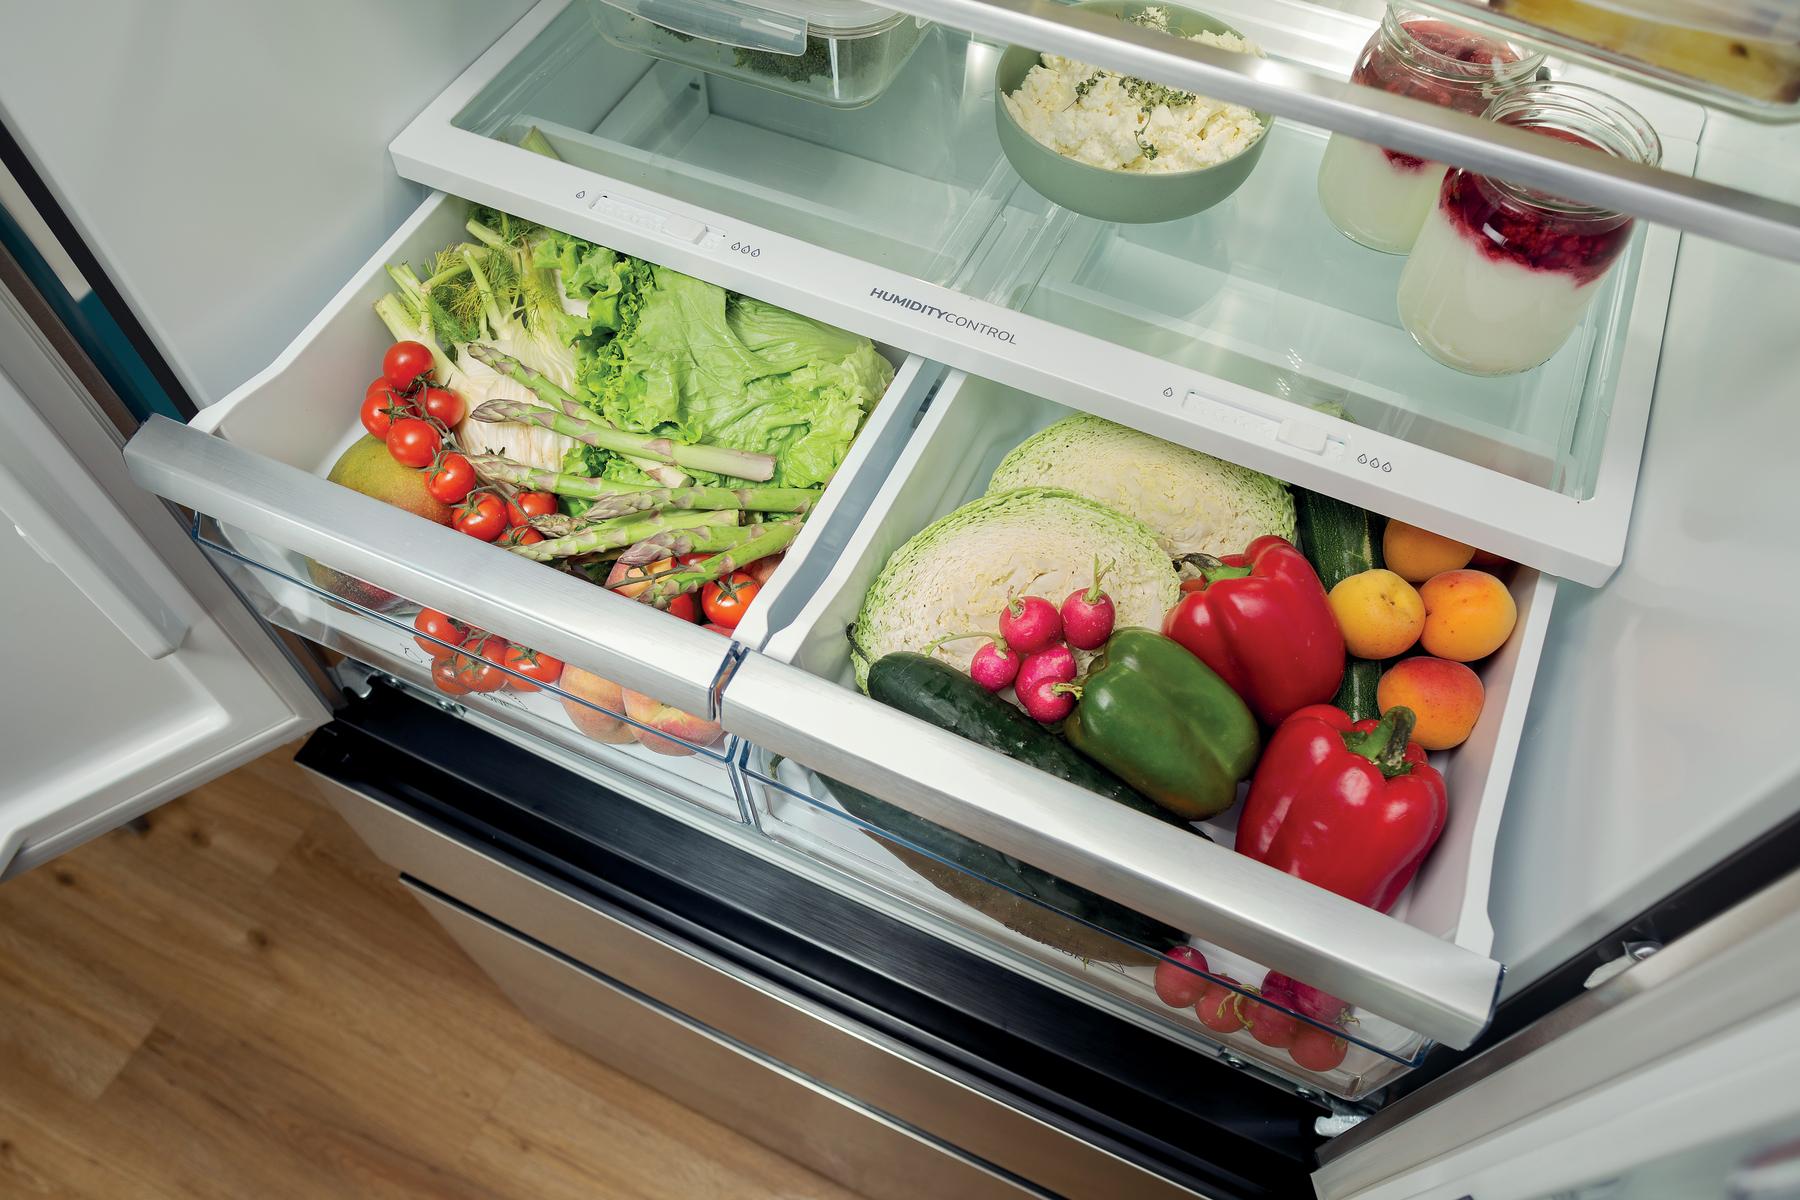 Сезон витаминизации: как правильно хранить свежие фрукты и ягоды.Вокруг Света. Украина